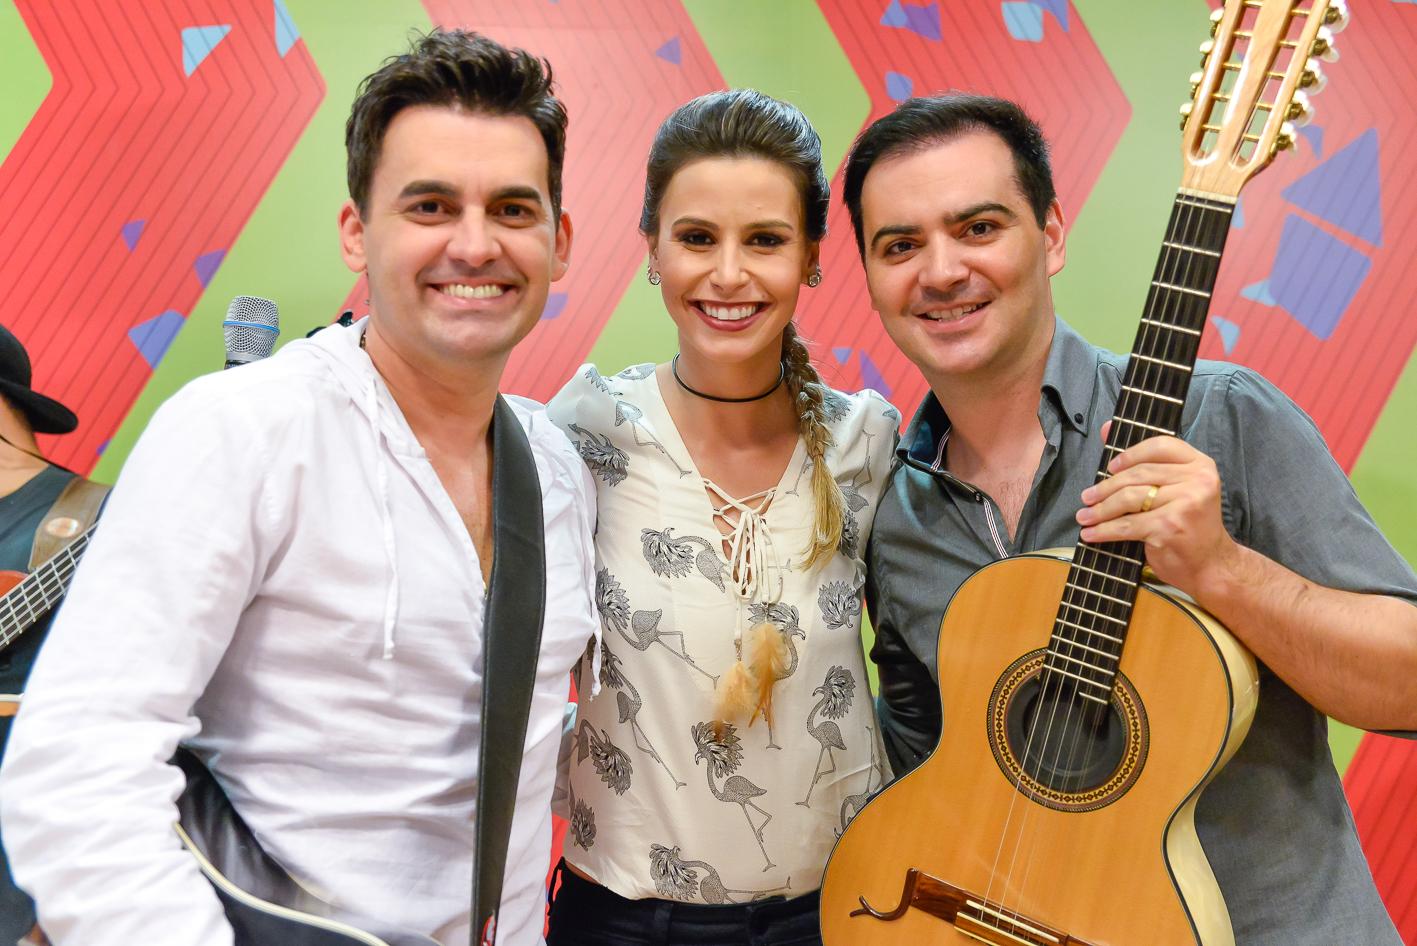 O sábado, foi bem animado com a dupla Álvaro e Daniel, no Estúdio C